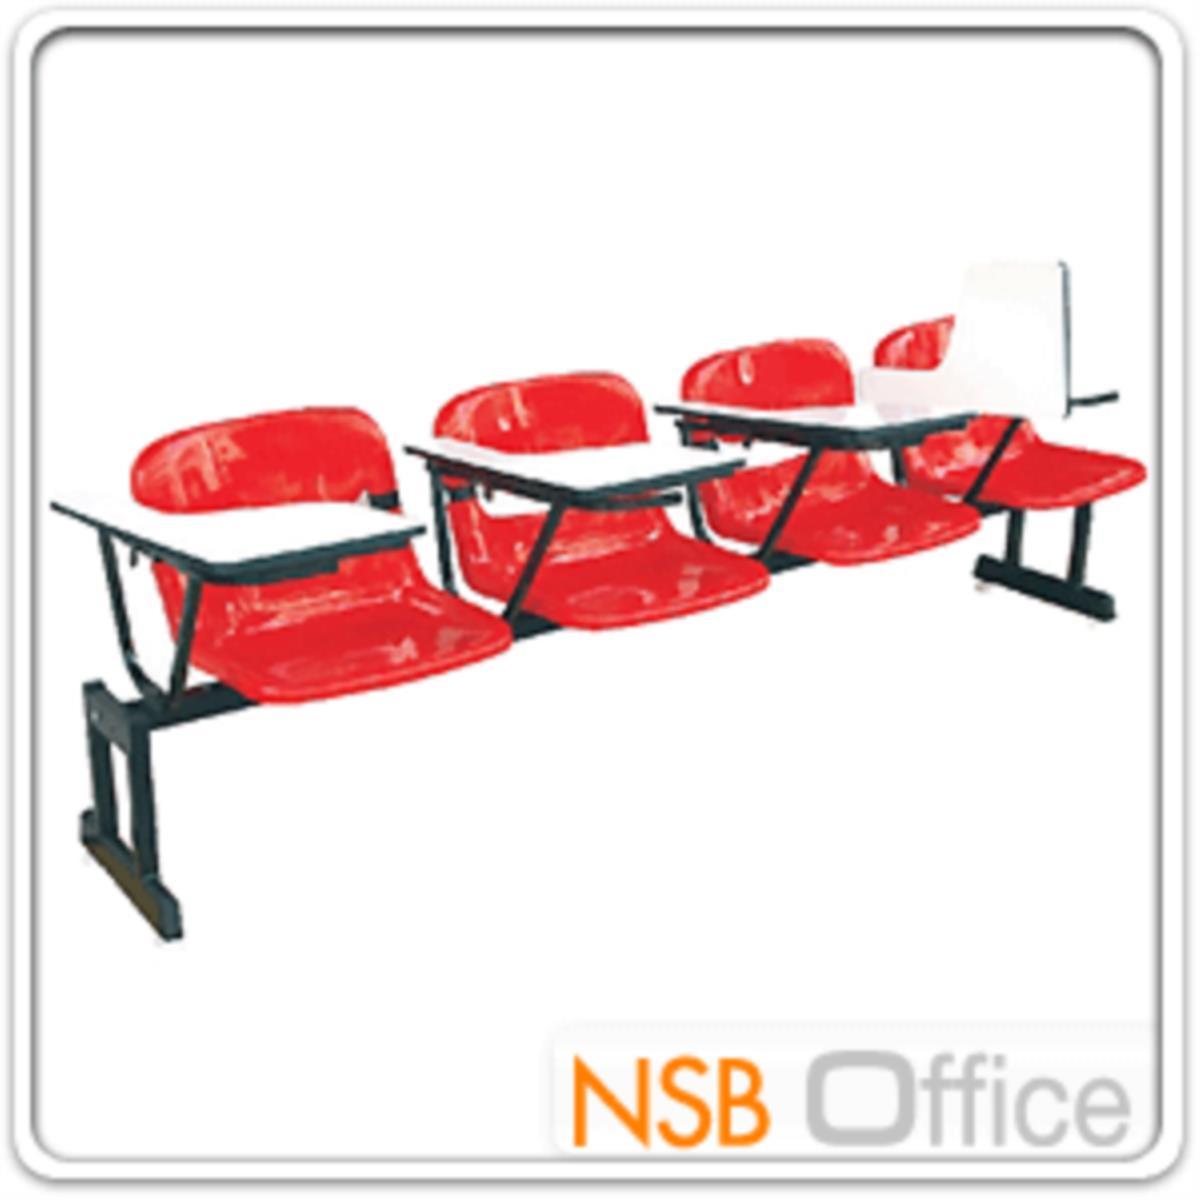 เก้าอี้เลคเชอร์แถวเฟรมโพลี่ รุ่น POLY-001  3 และ 4 ที่นั่ง ขาเหล็กเหลี่ยมแบบขาคู่พ่นดำ